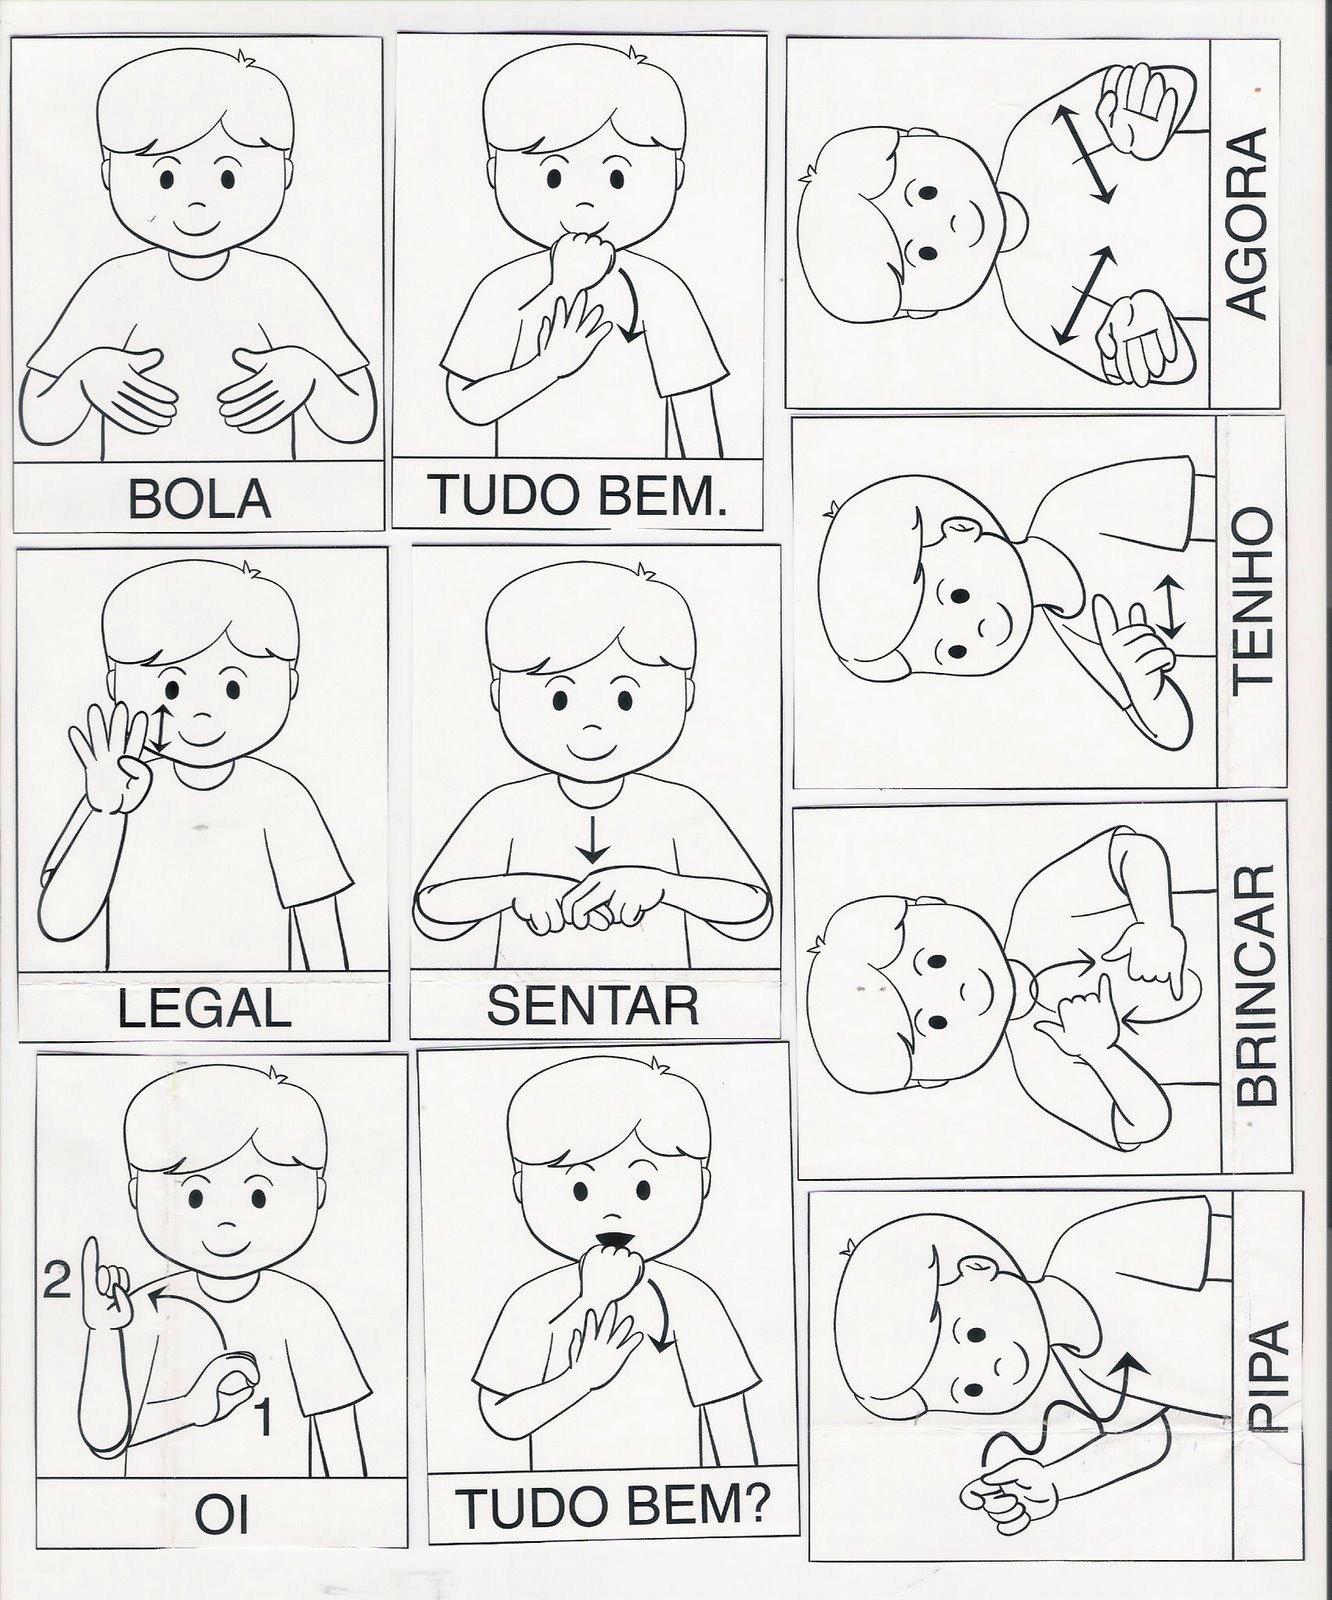 LIBRAS Inglês e Espanhol para Ed. Infantil: Libras #6F695C 1332 1600